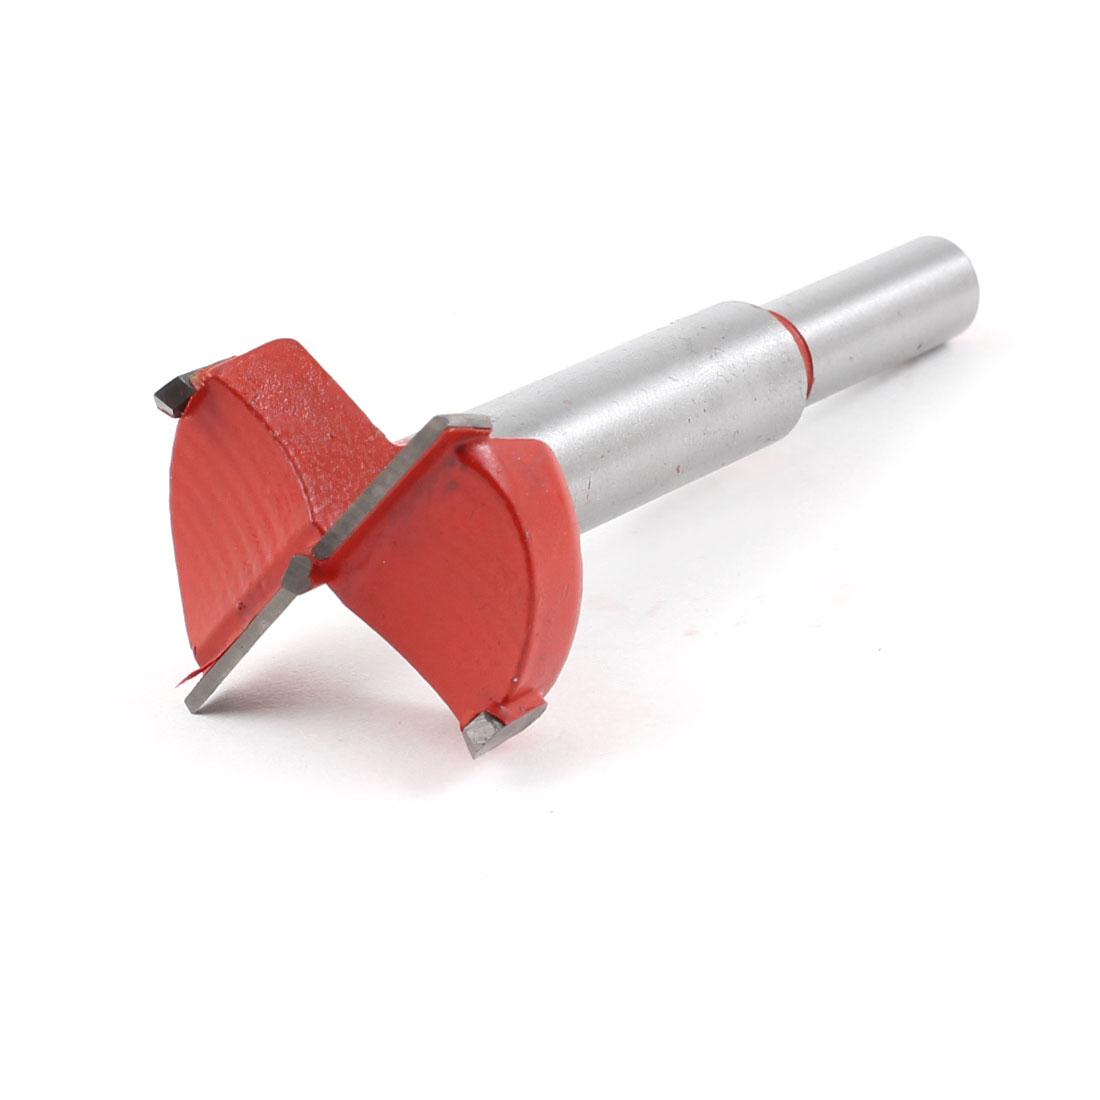 Carpentry Woodworking Drilling Metal Carbide 32mm Dia Hinge Boring Bit